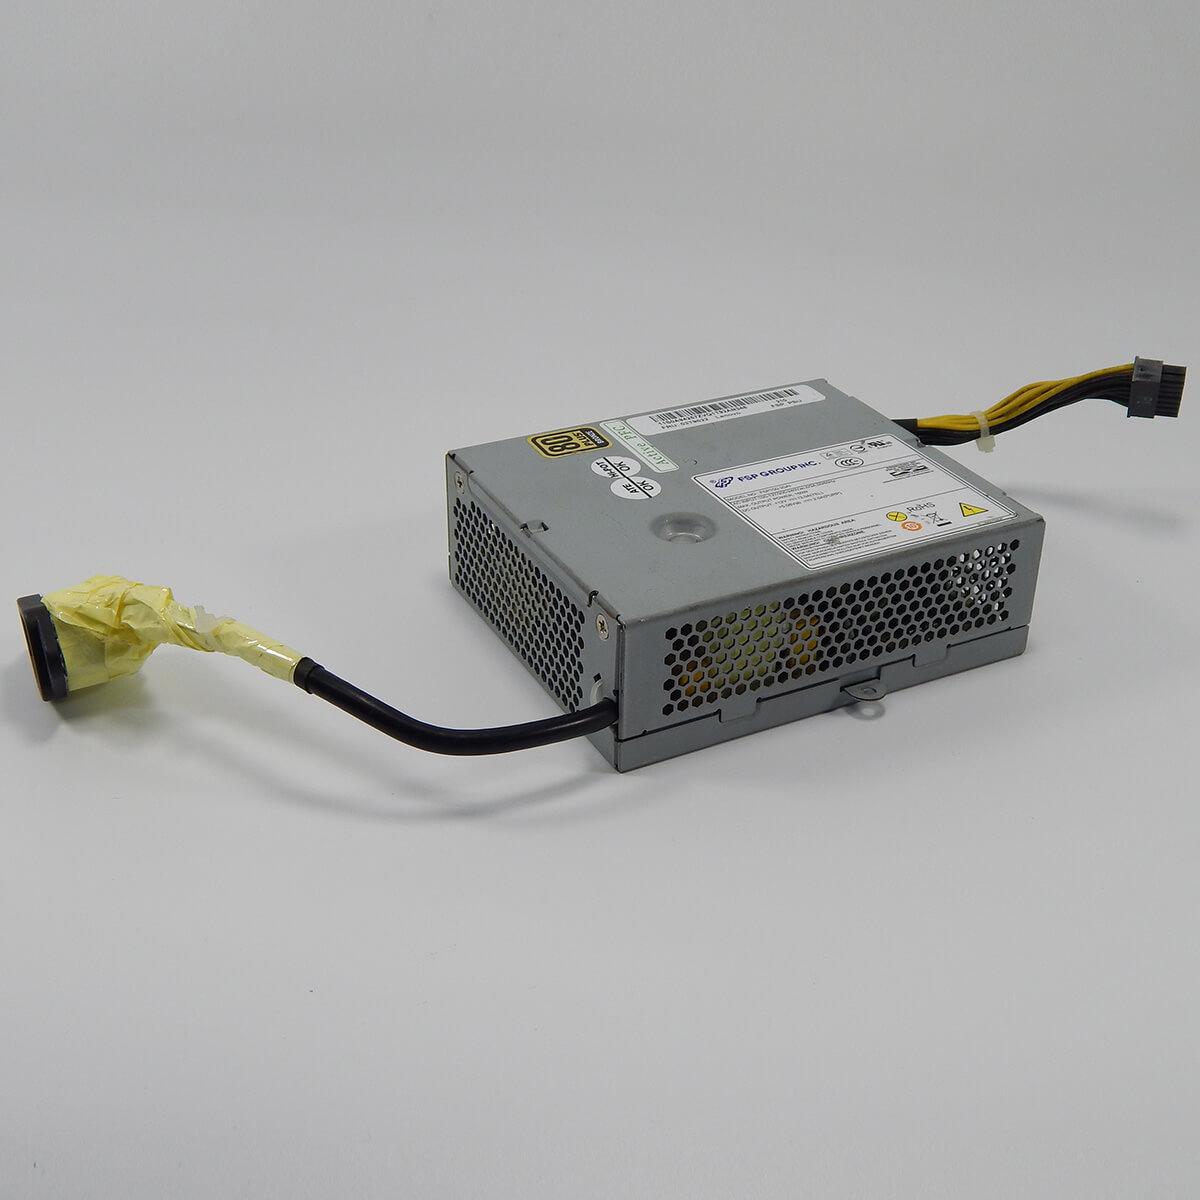 Fonte IBM Lenovo FSP150-20AI 150w - Usada